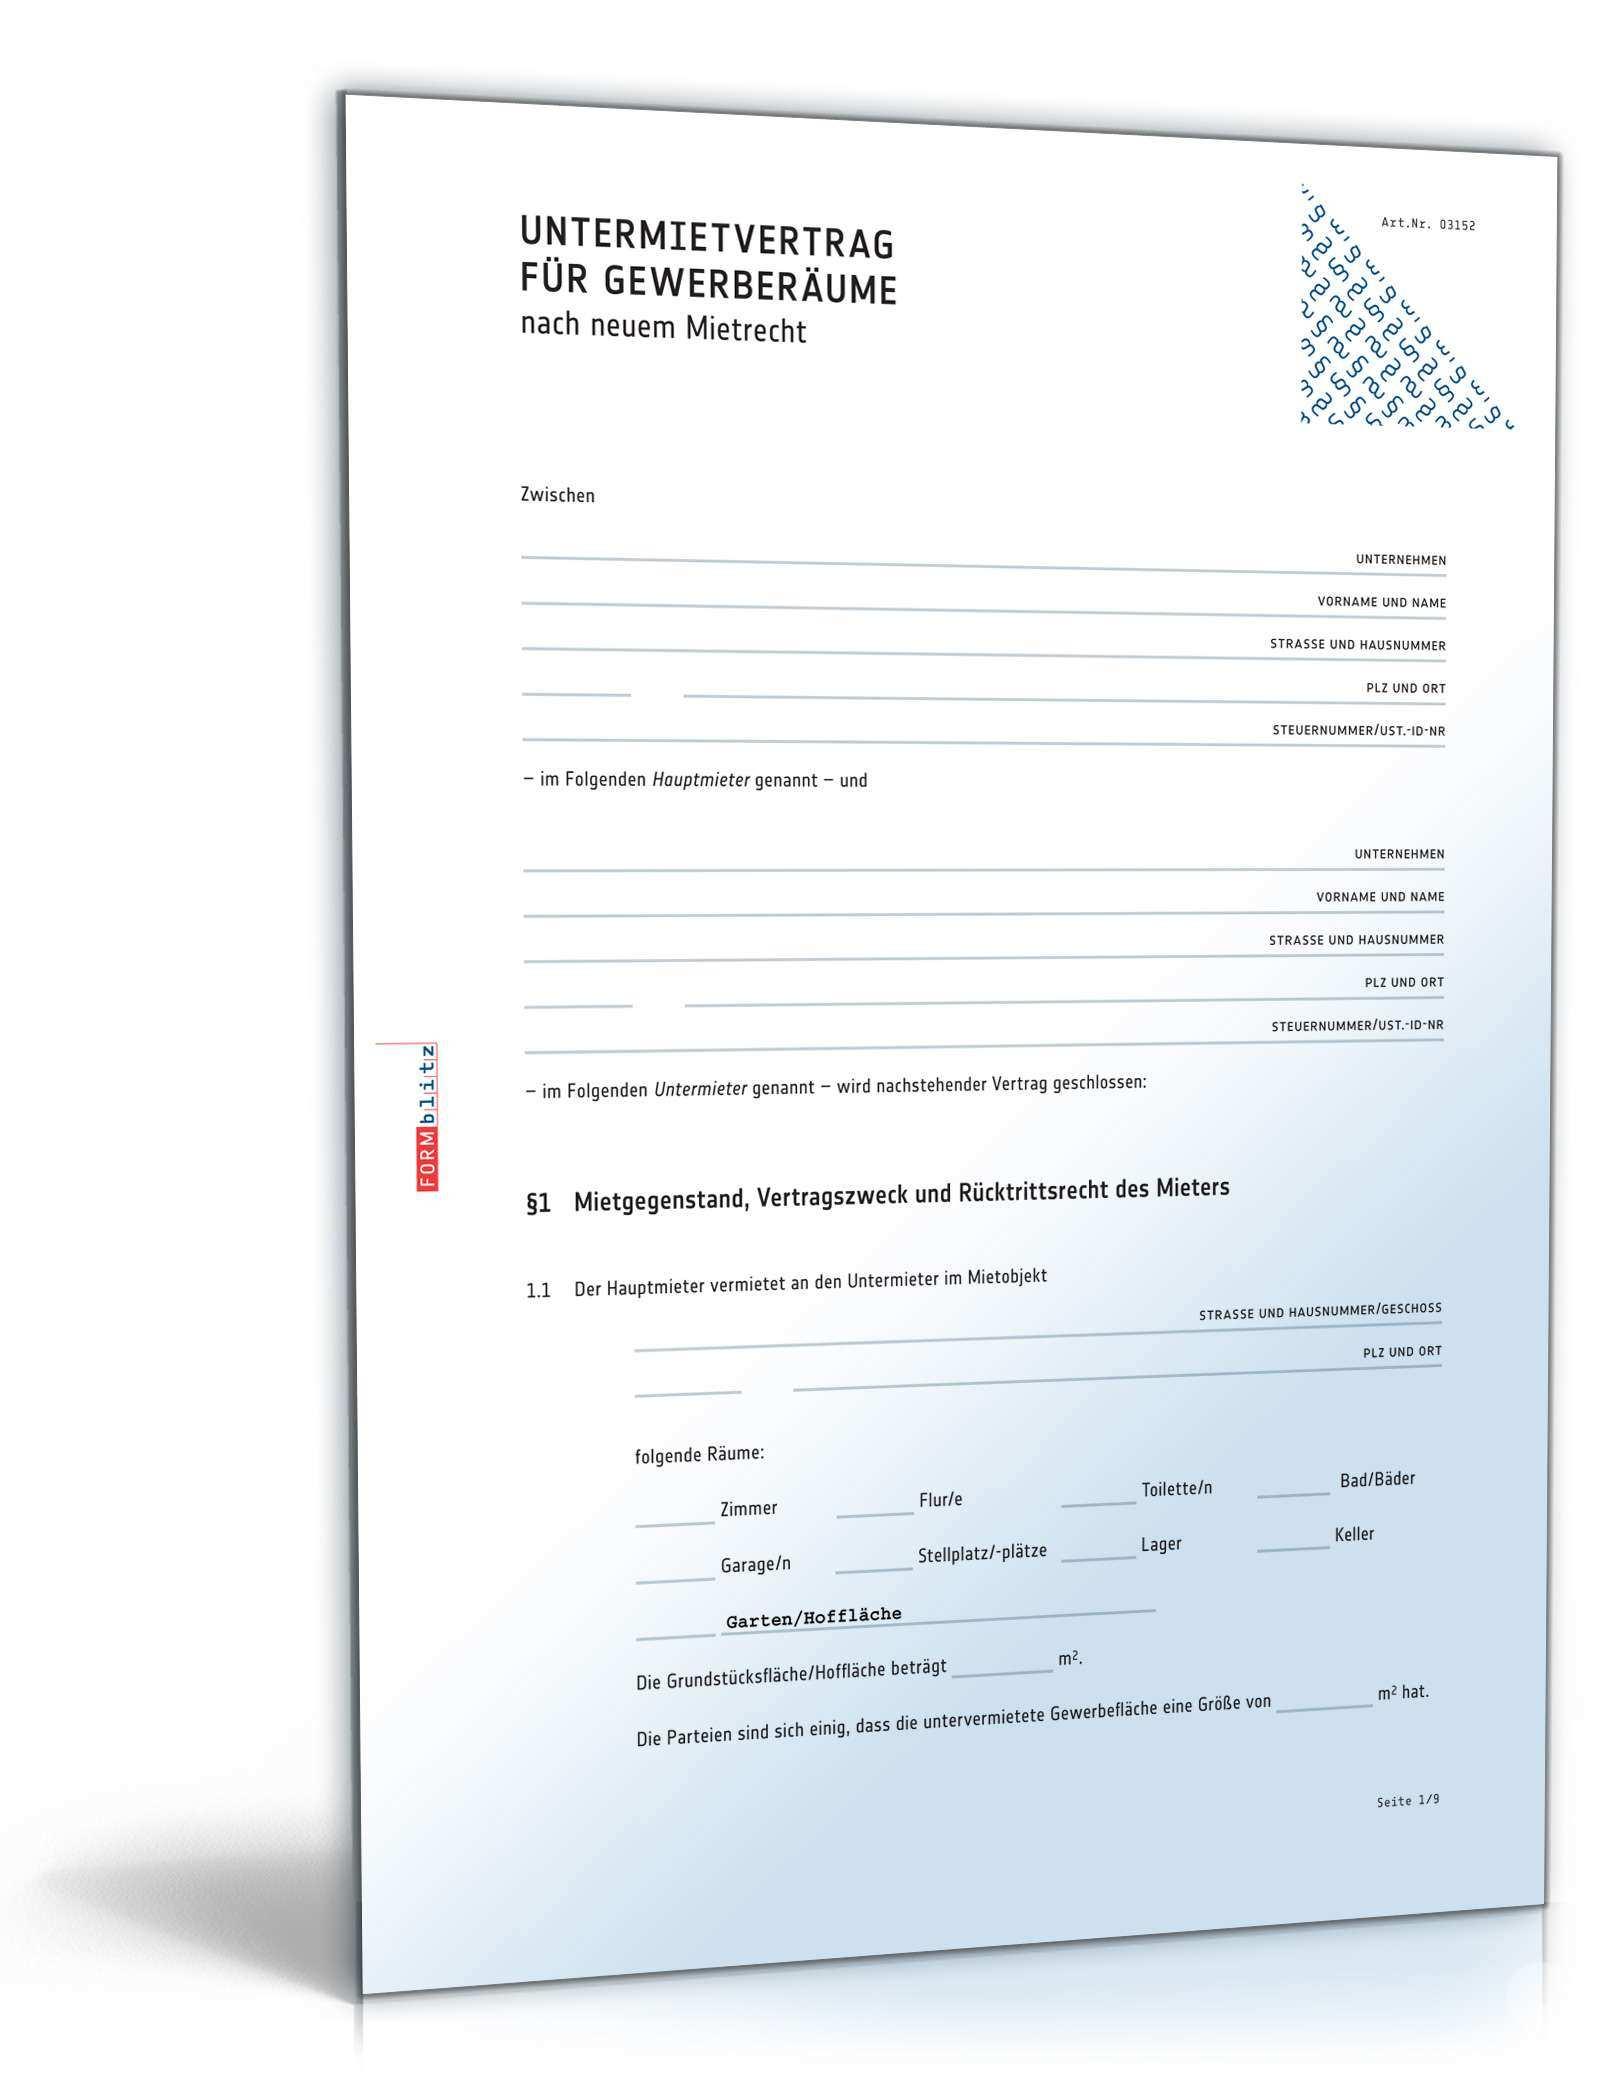 Untermietvertrag Gewerberaume Rechtssicheres Muster Zum Download